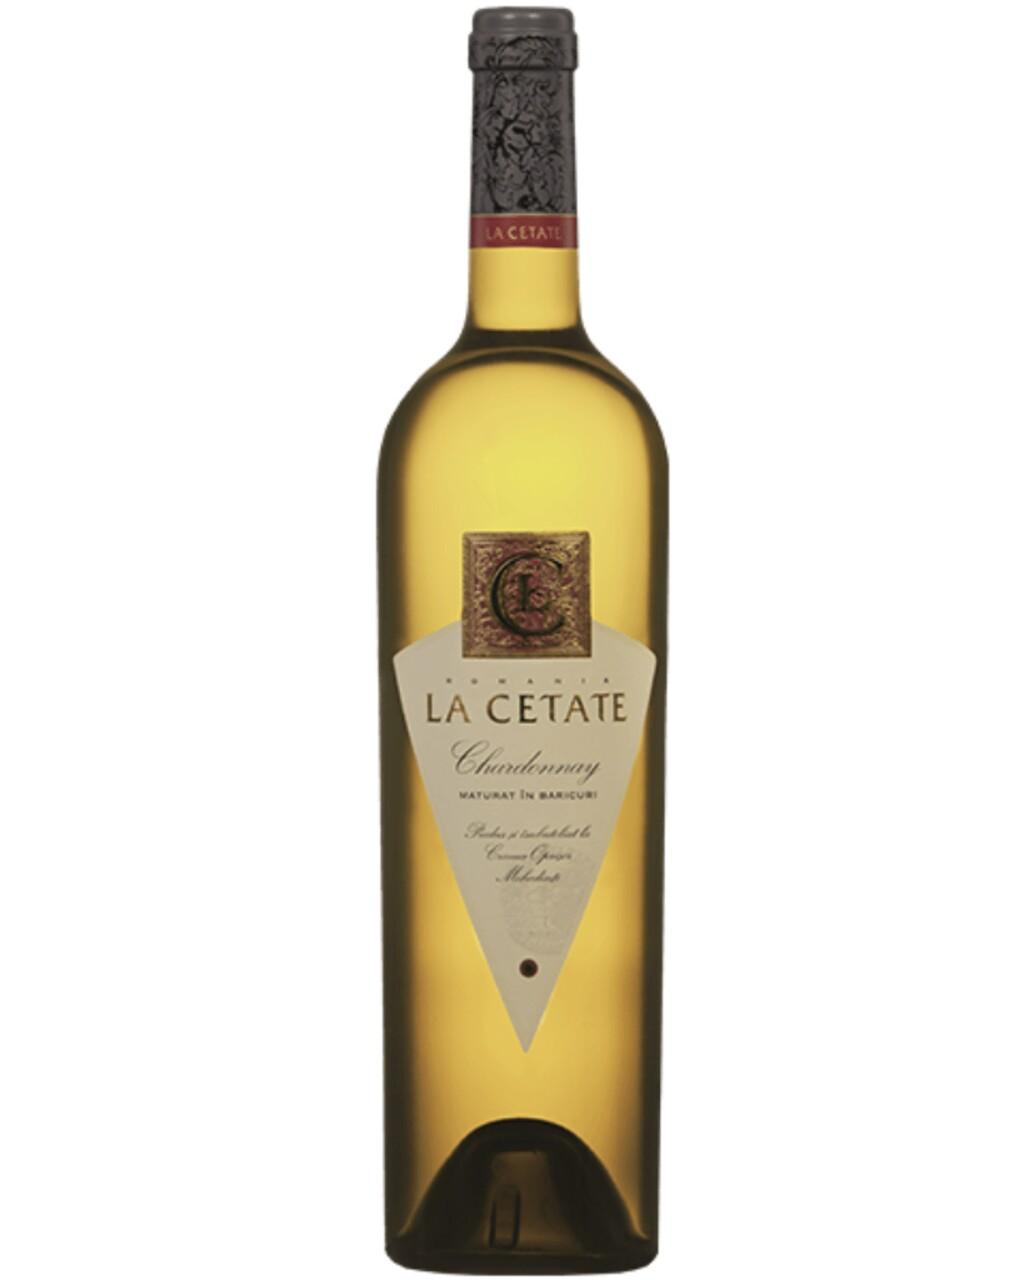 Oprisor La Cetate Chardonnay